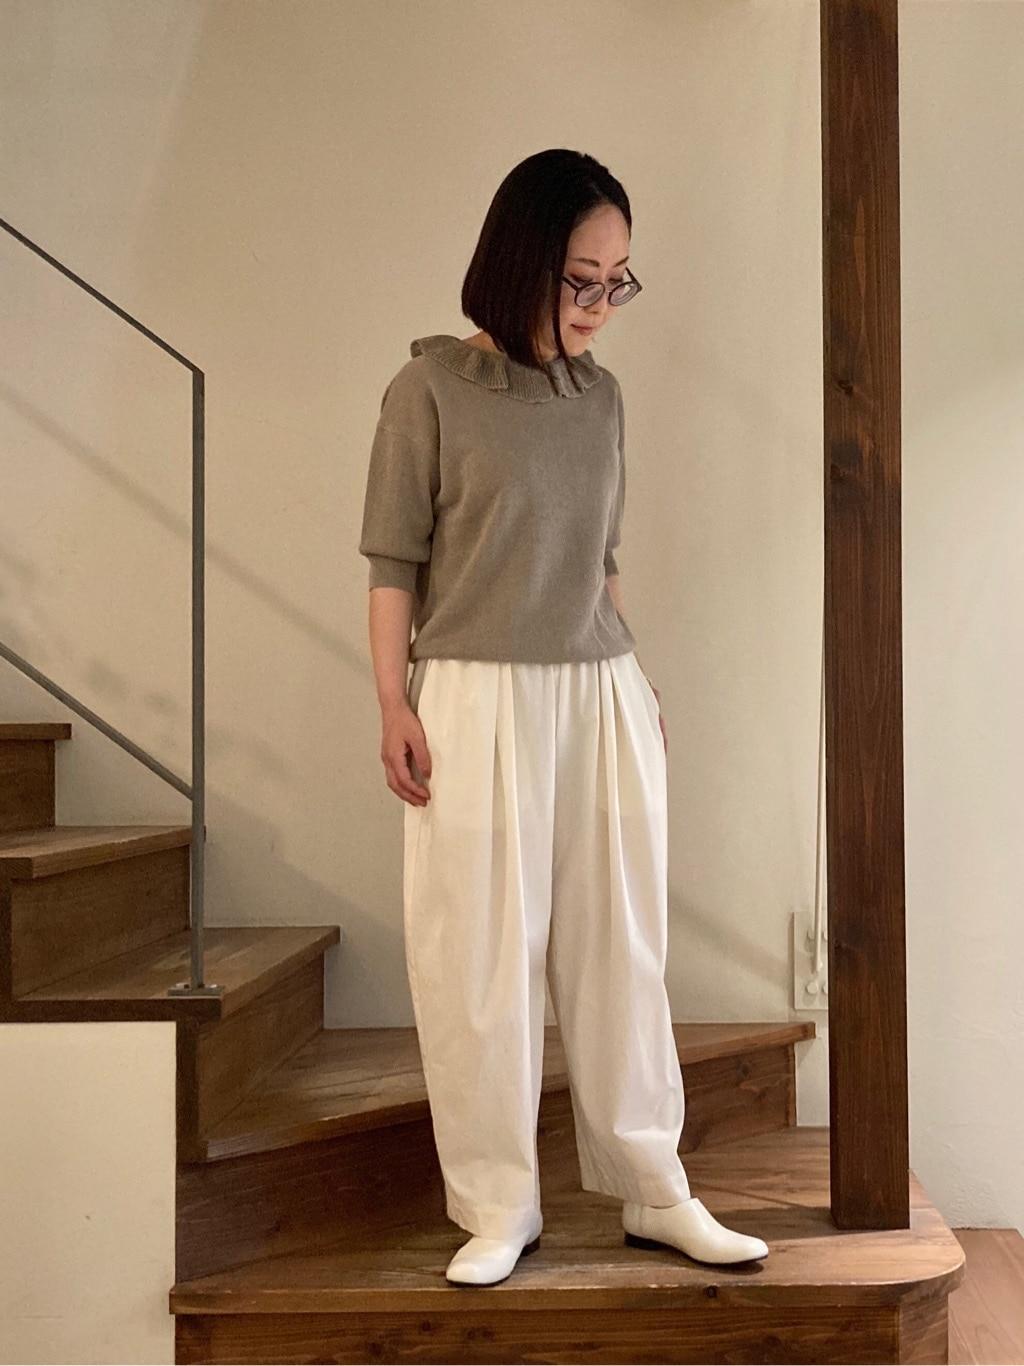 yuni 京都路面 身長:152cm 2021.06.08